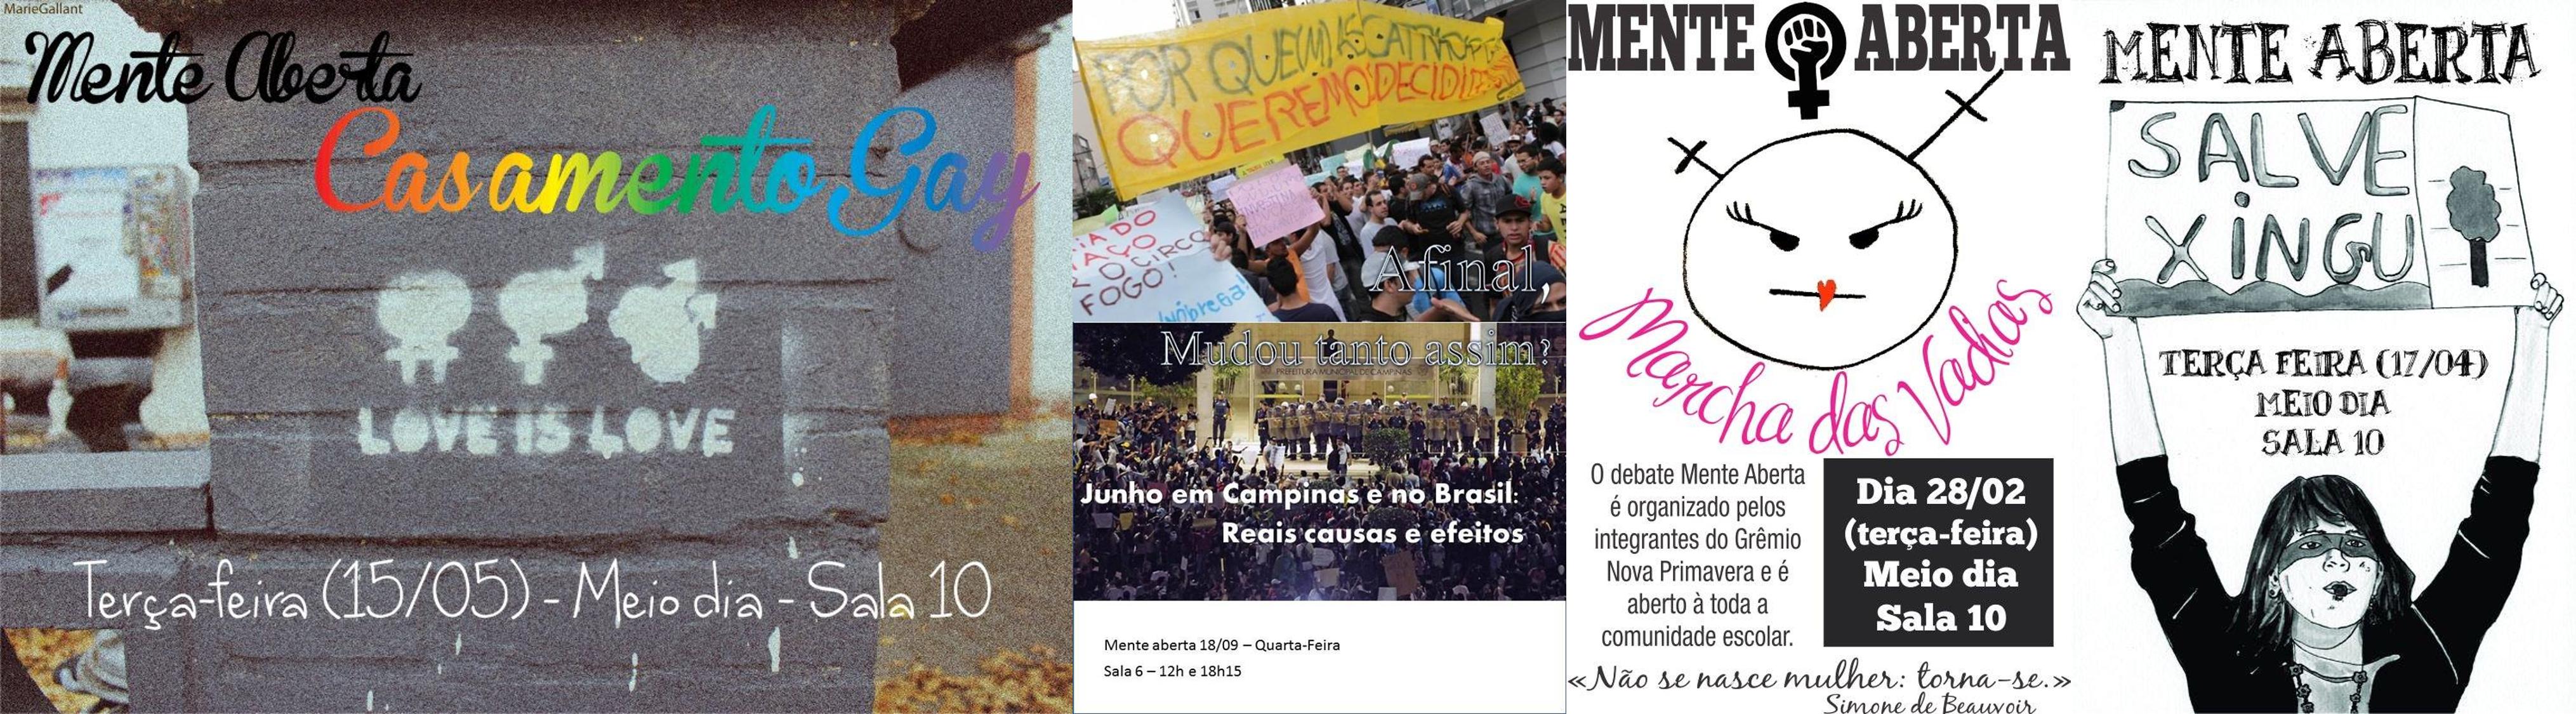 Imagens de divulgação de alguns encontros do Mente Aberta entre 2012 e 2013.